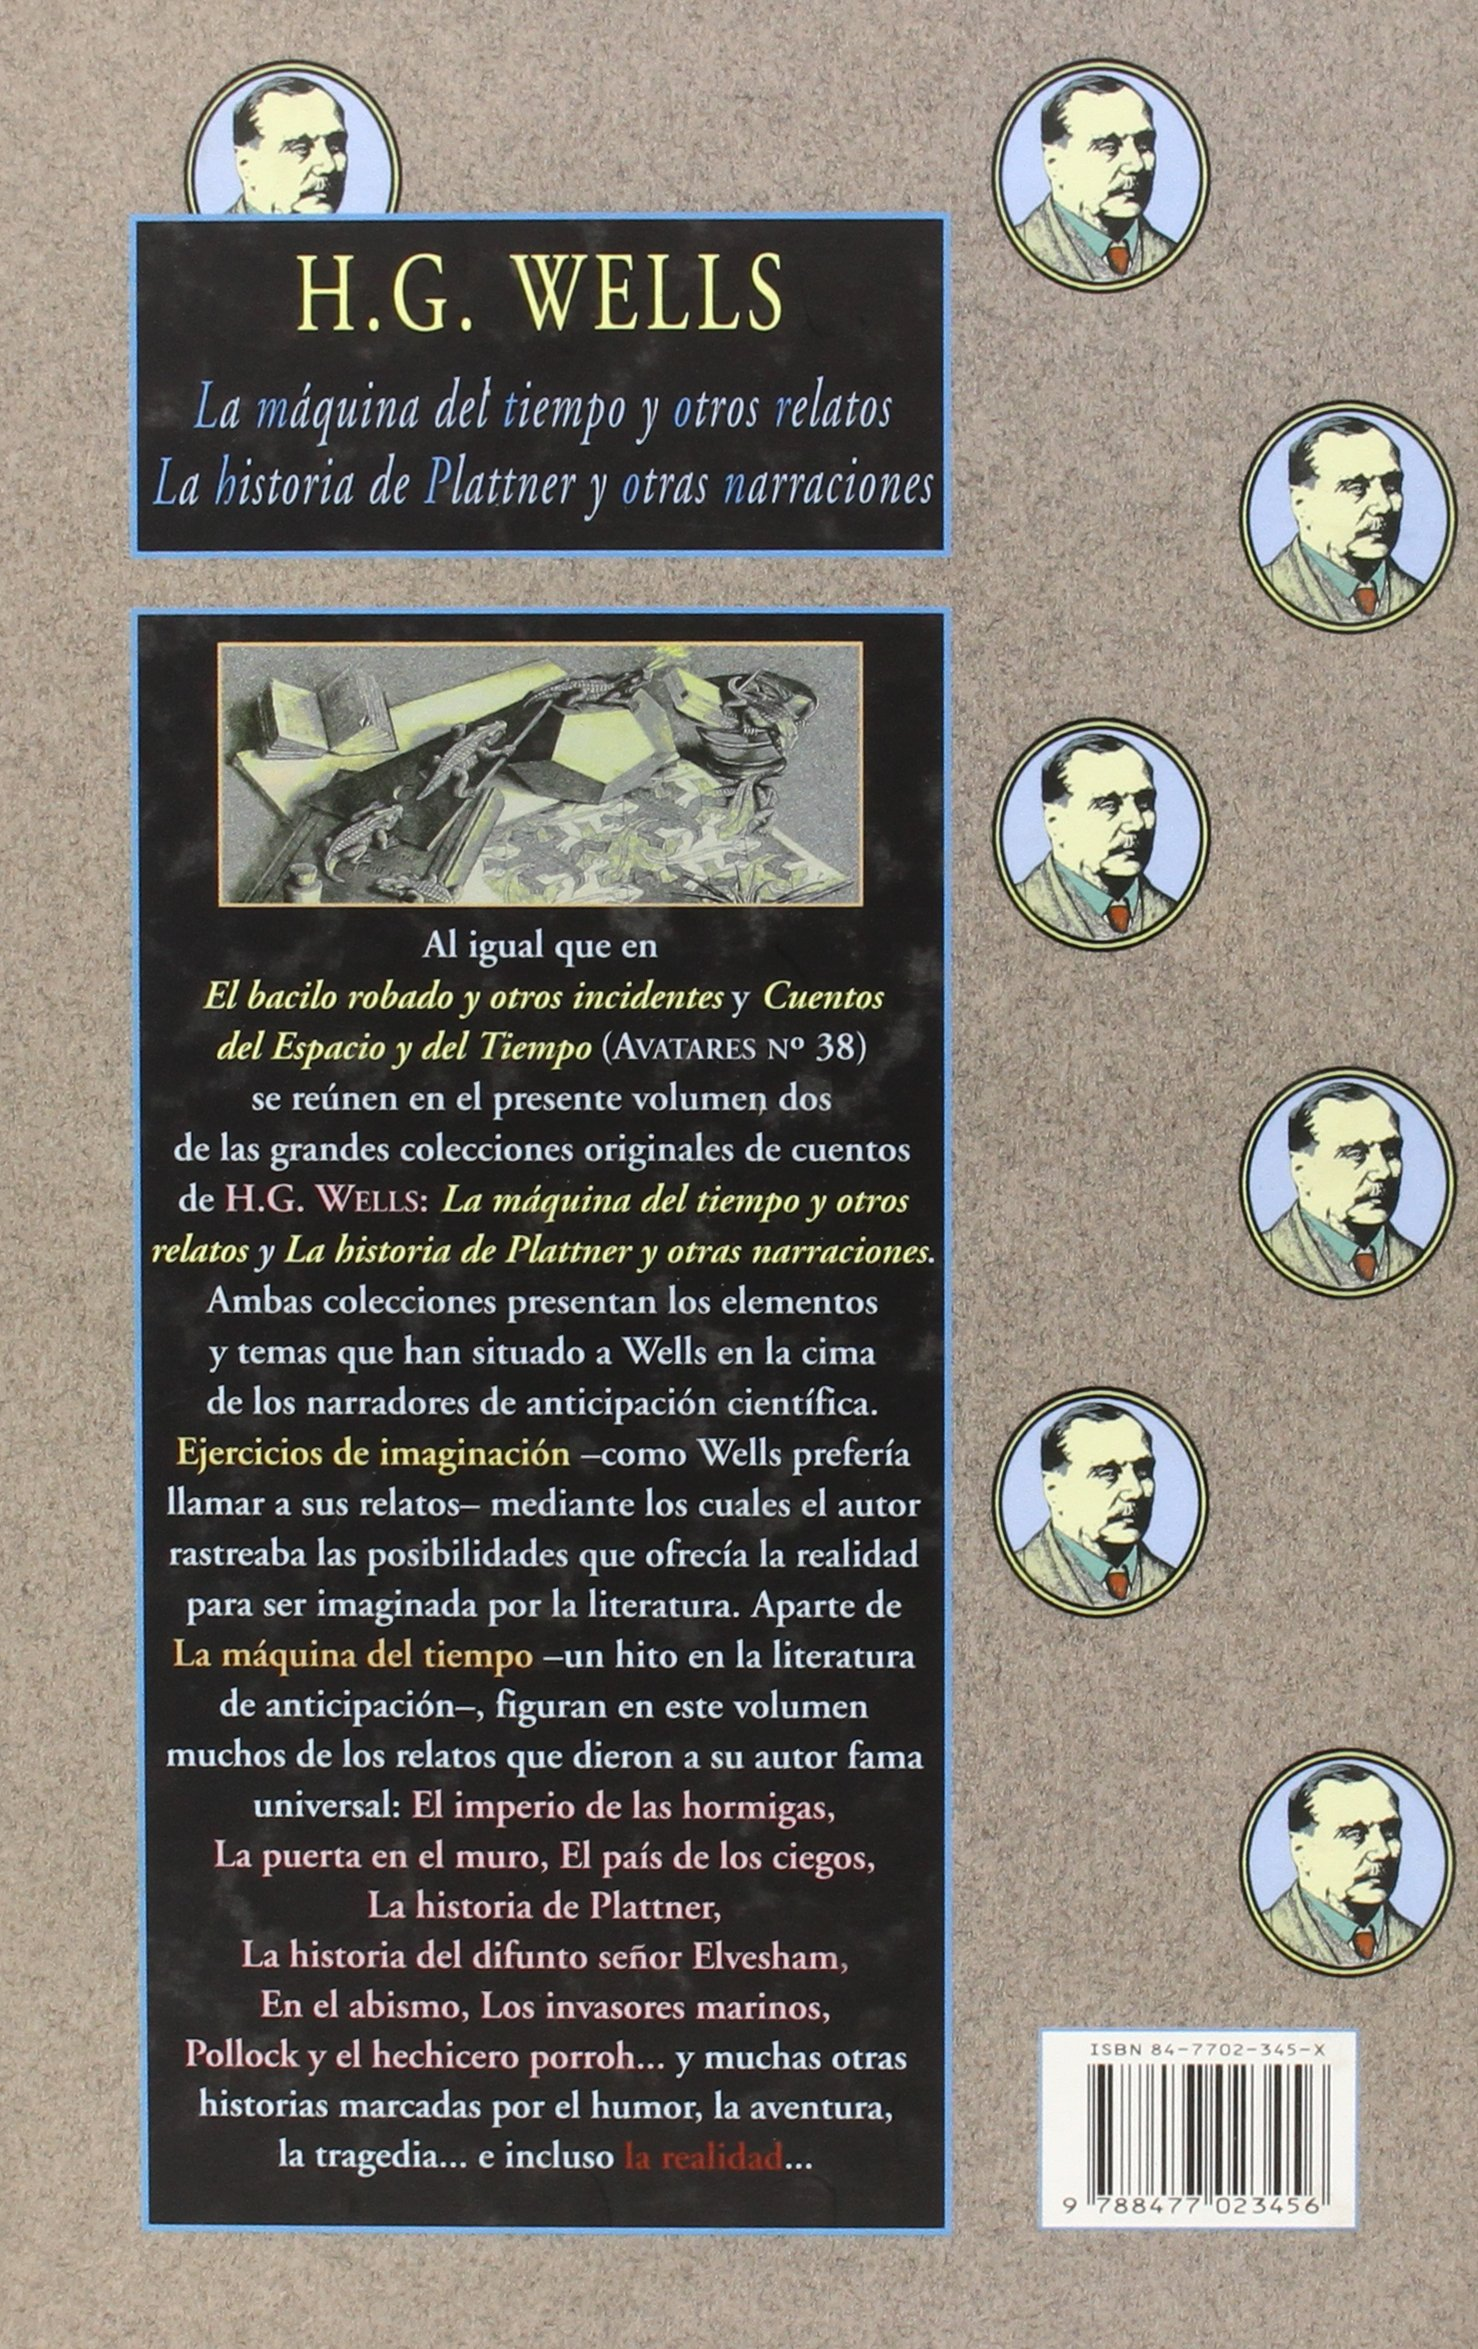 La máquina del tiempo & La historia de Plattner: Y otros relatos Avatares: Amazon.es: Herbert George Wells: Libros